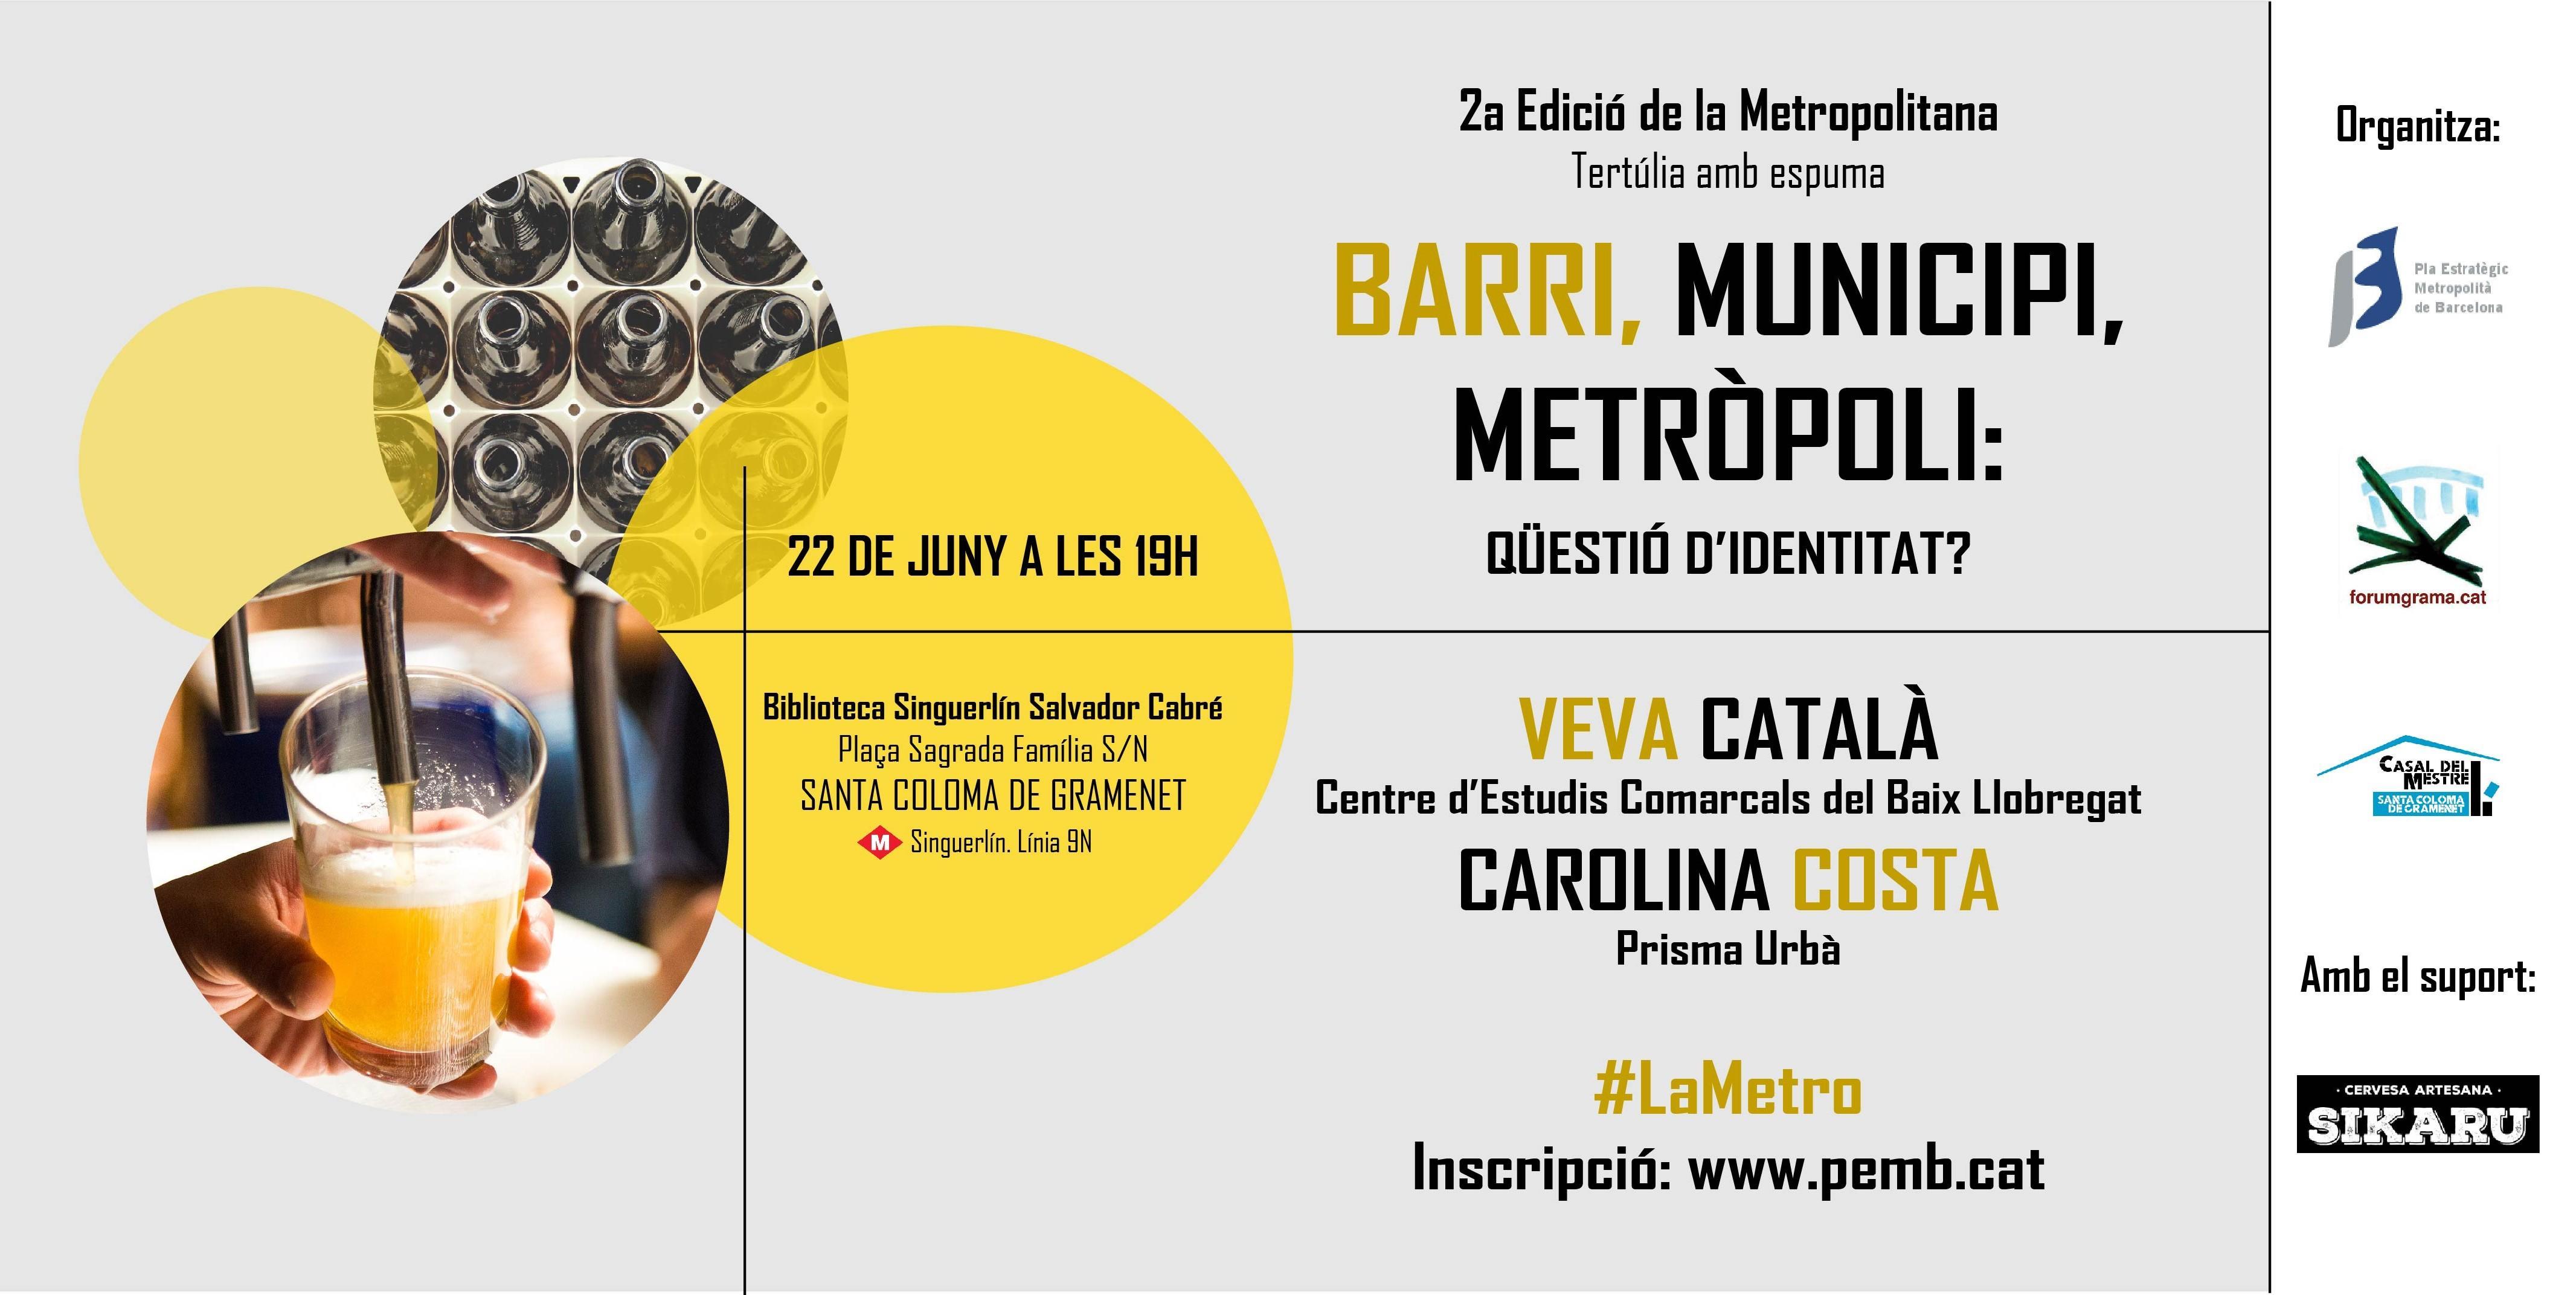 Barrio, municipio, metropolis: cuestión de identidad?